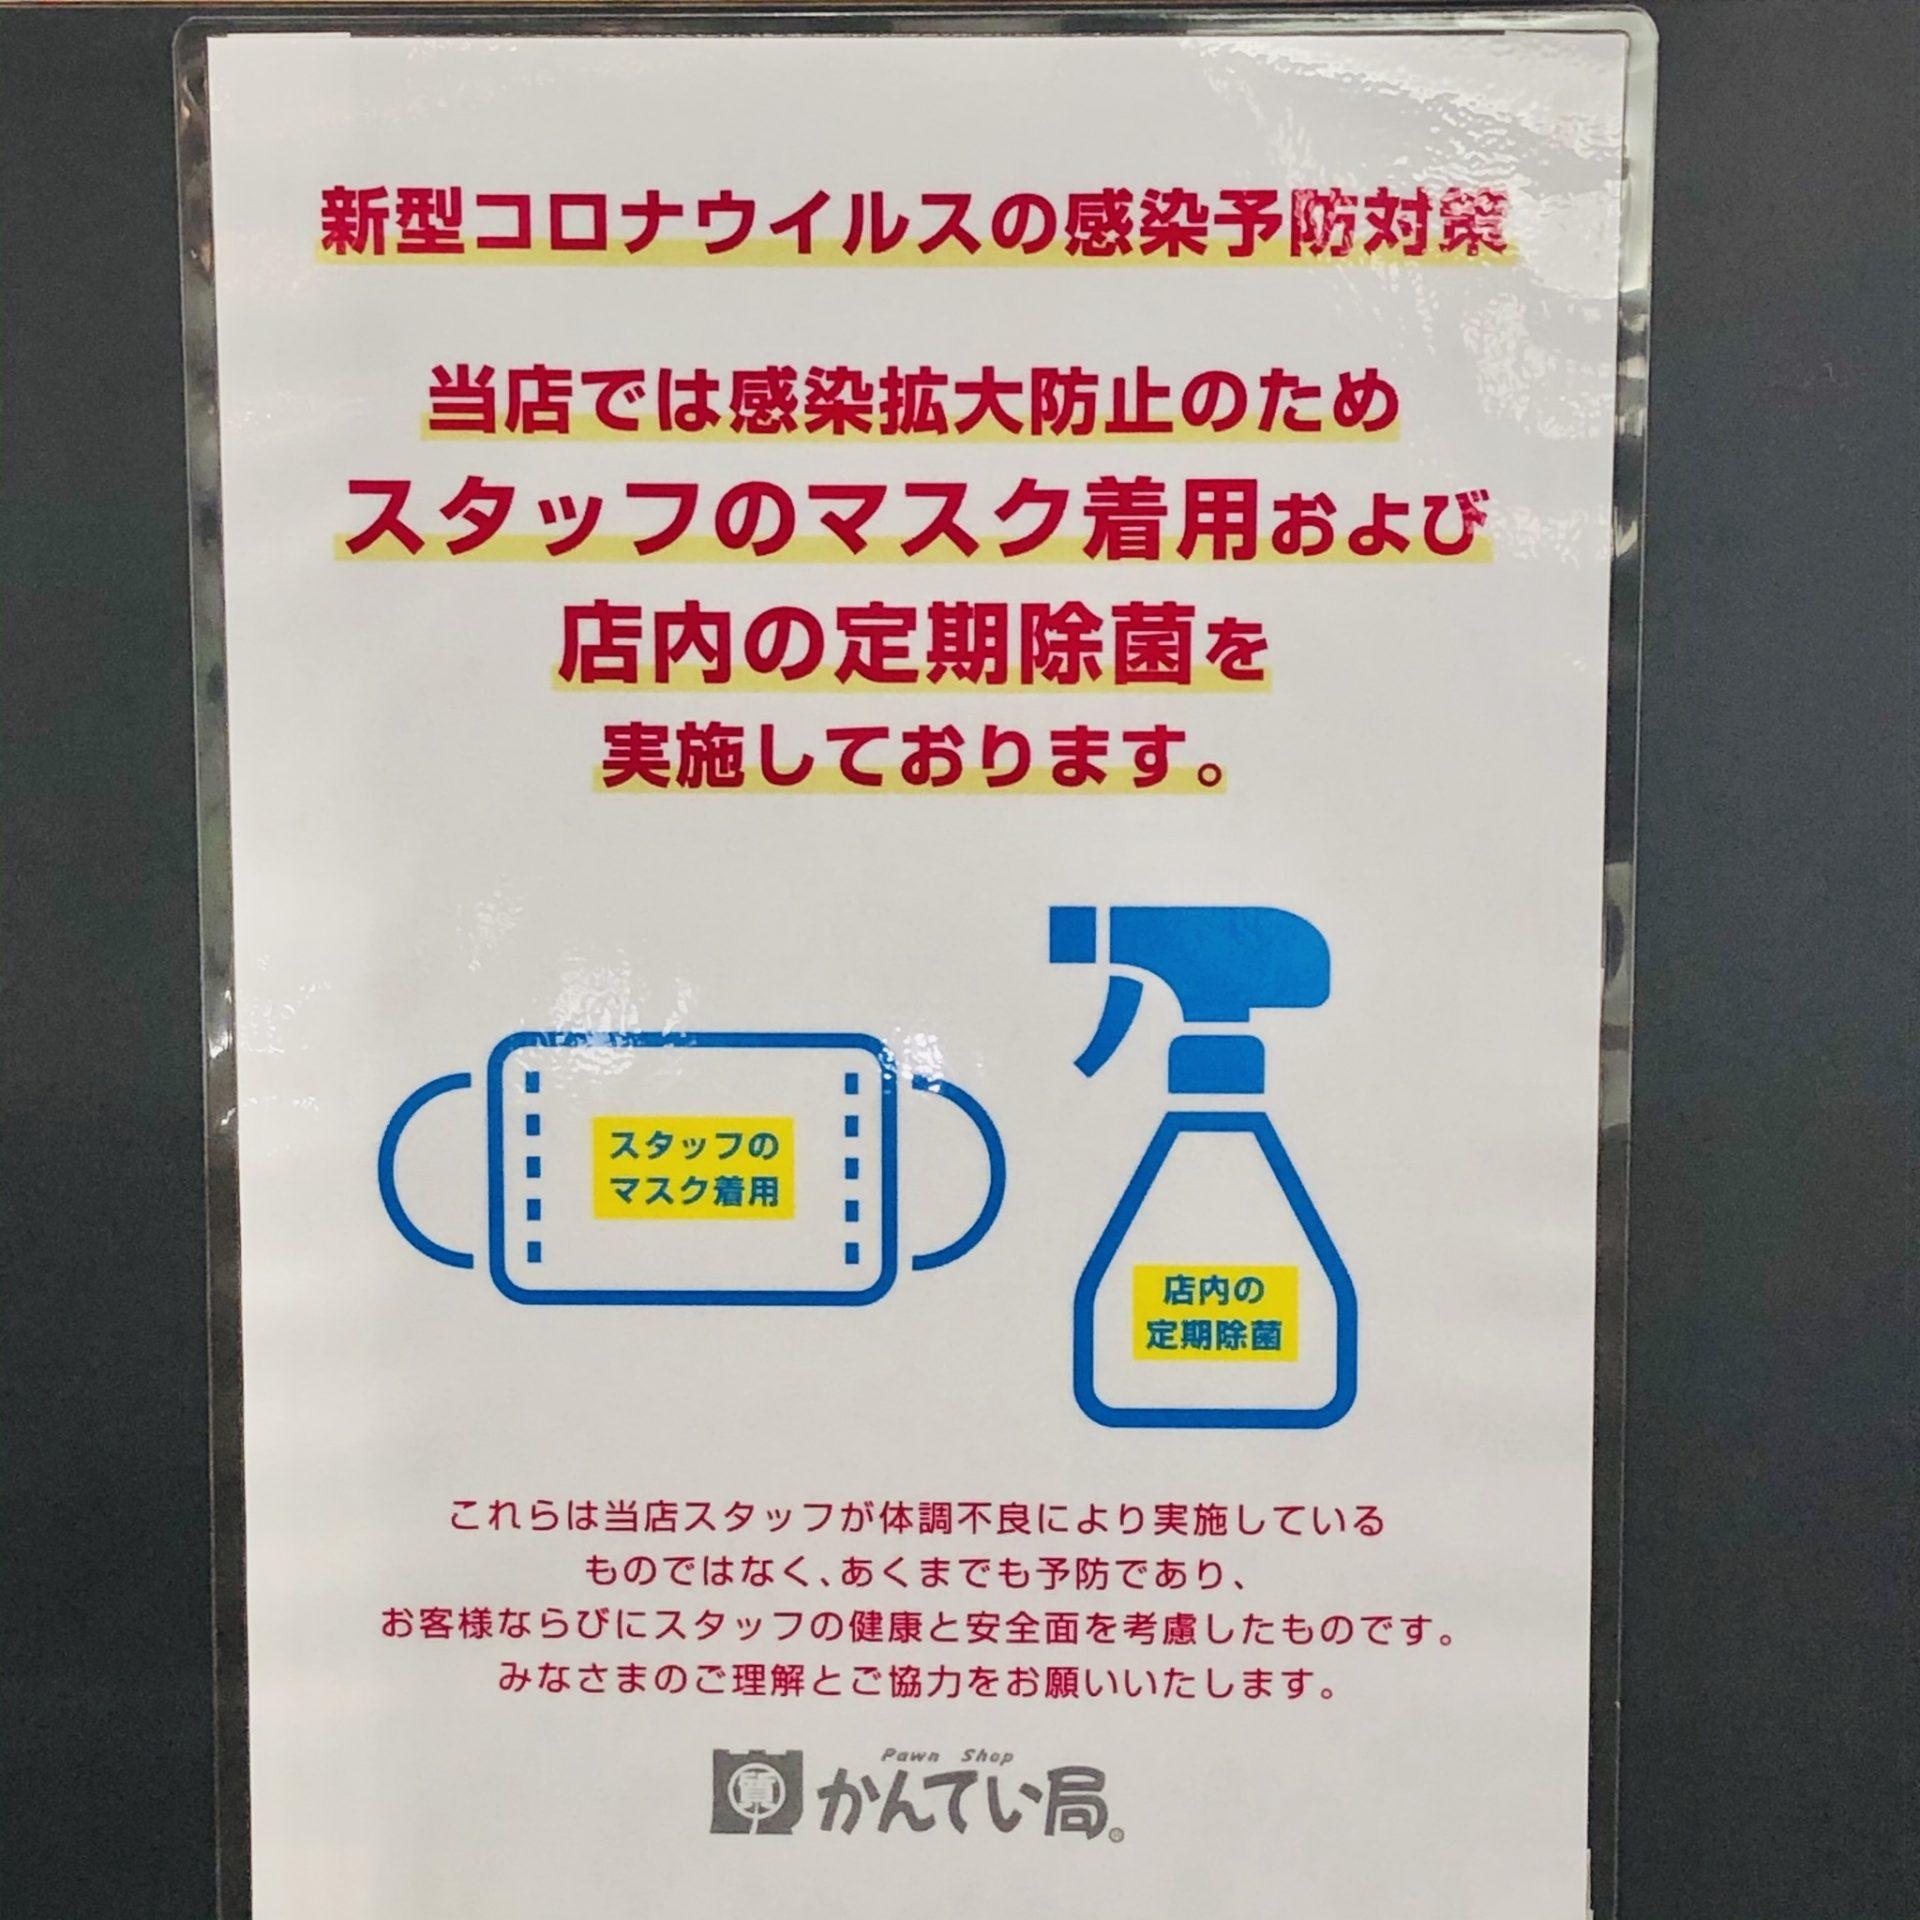 新型コロナウイルスの感染予防対策の実施と取り組みについて